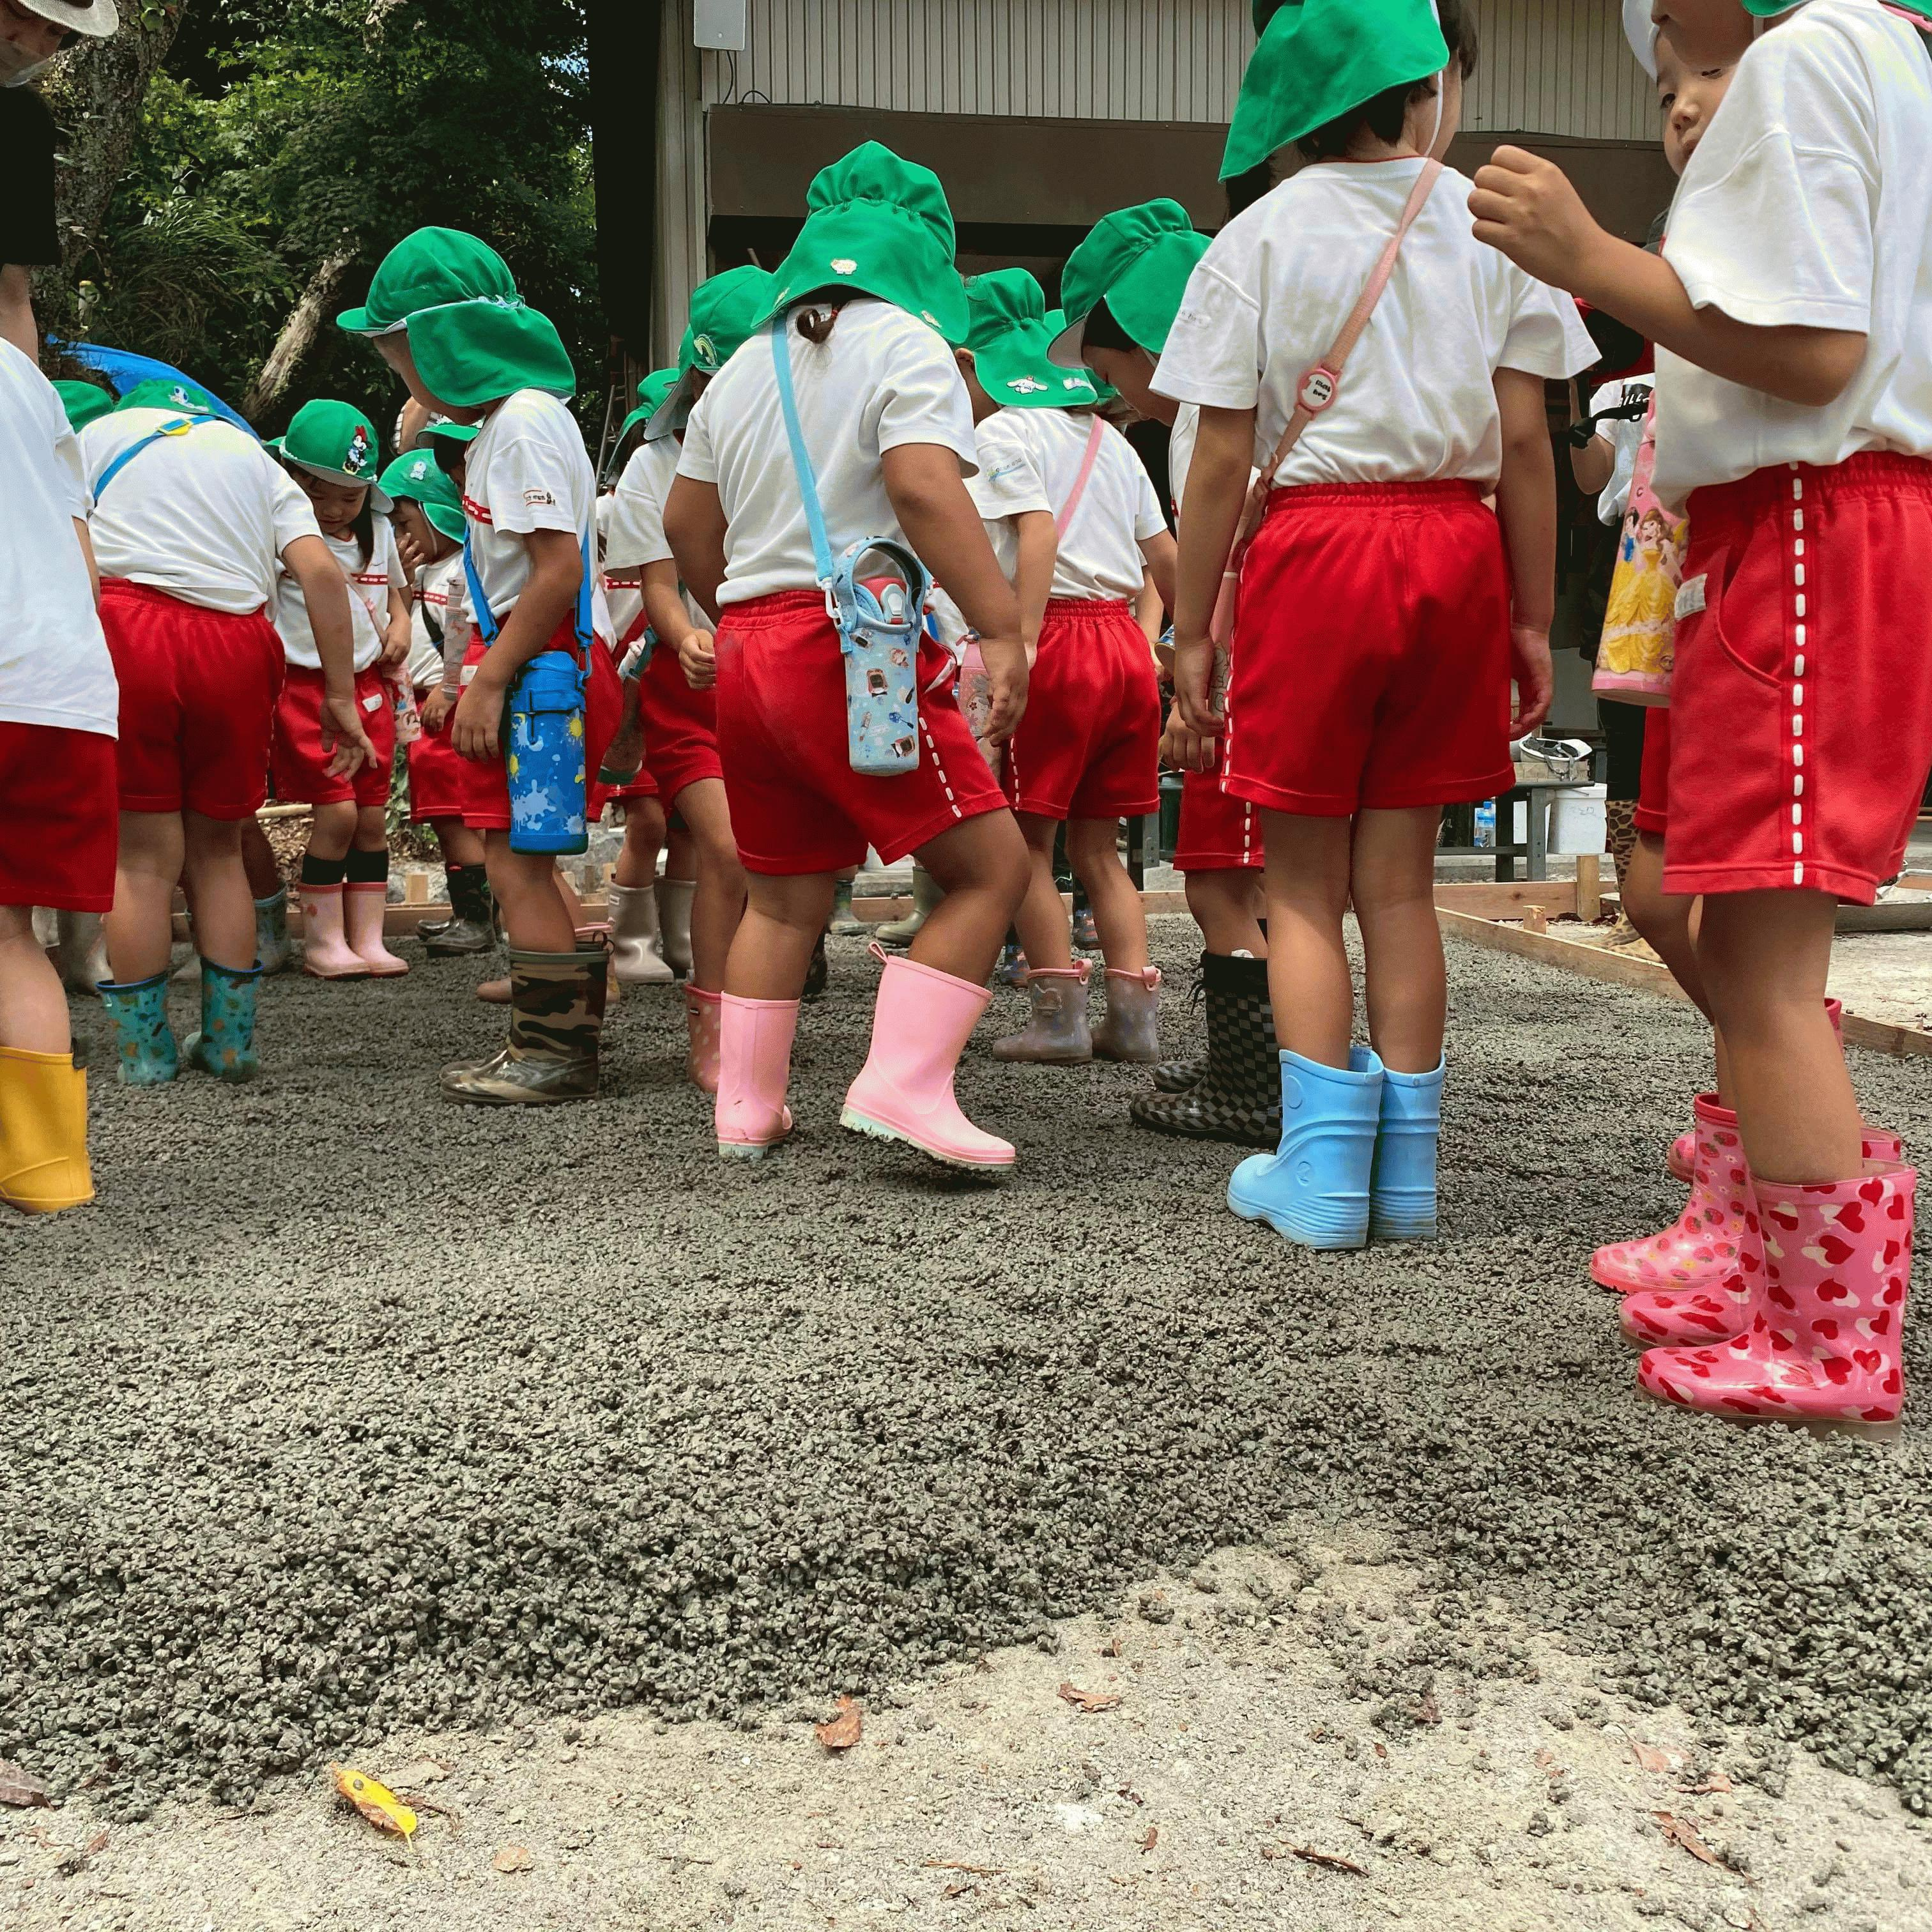 【静岡】「子どもたちがニコニコしながら教えてくれた《仕事》の本質」正蓮寺・しょうれんじこども園